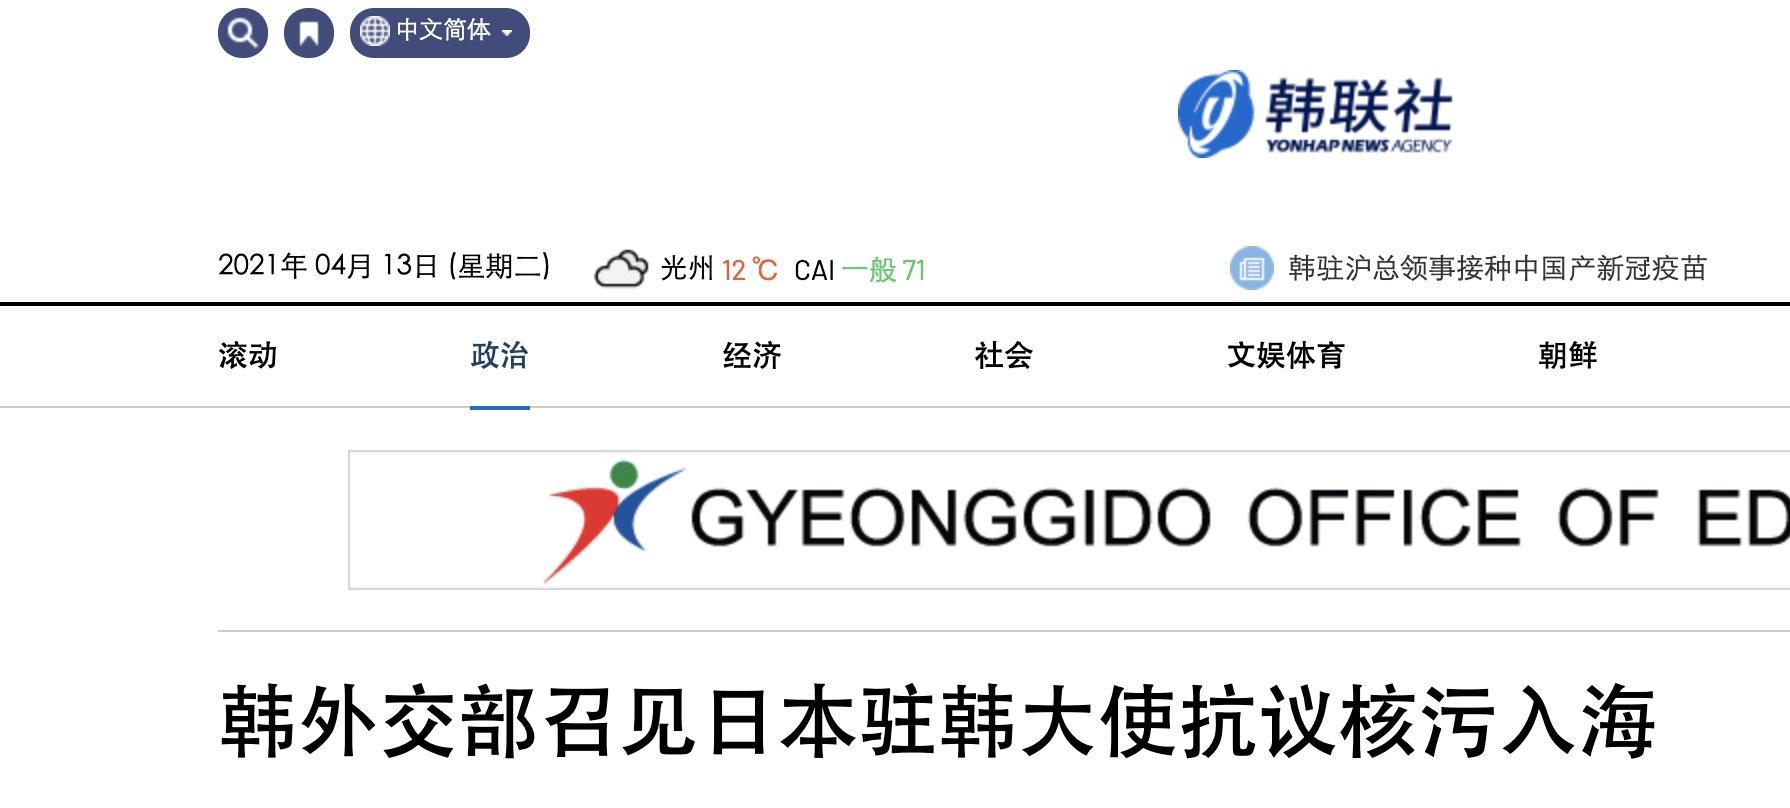 韩外交部副部长召见日本驻韩大使 严正抗议日本核废水排海决定